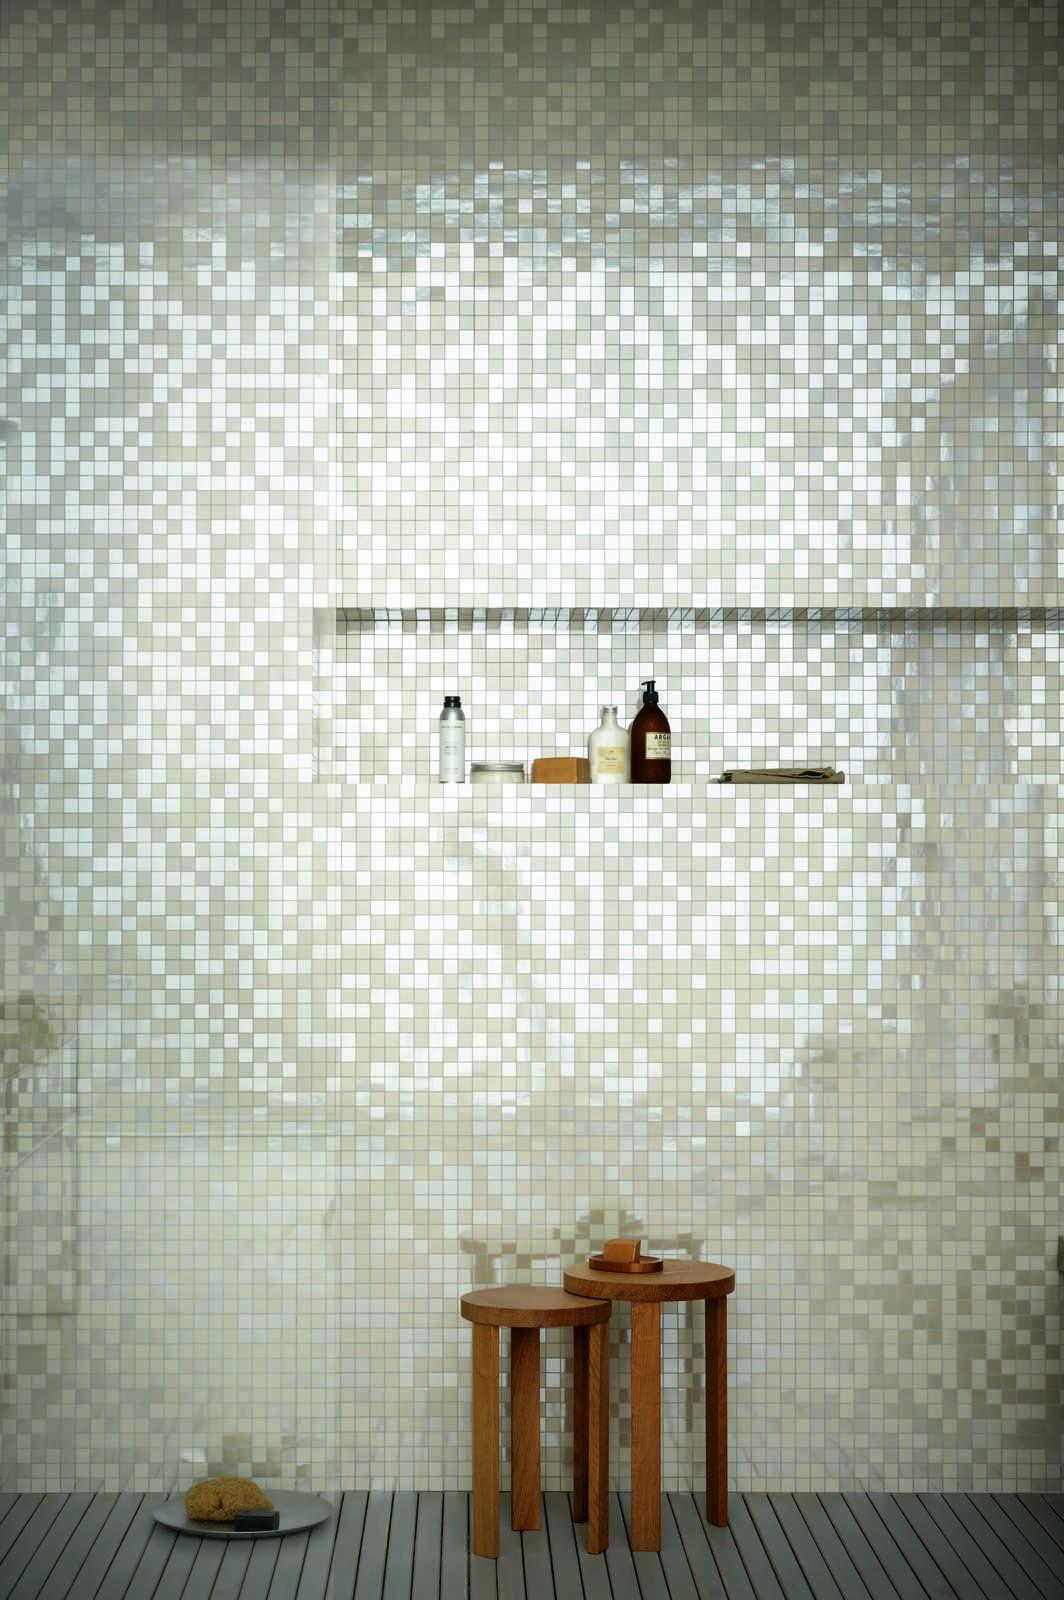 Piastrelle a mosaico per bagno e altri ambienti marazzi for Piastrelle bagno mosaico grigio